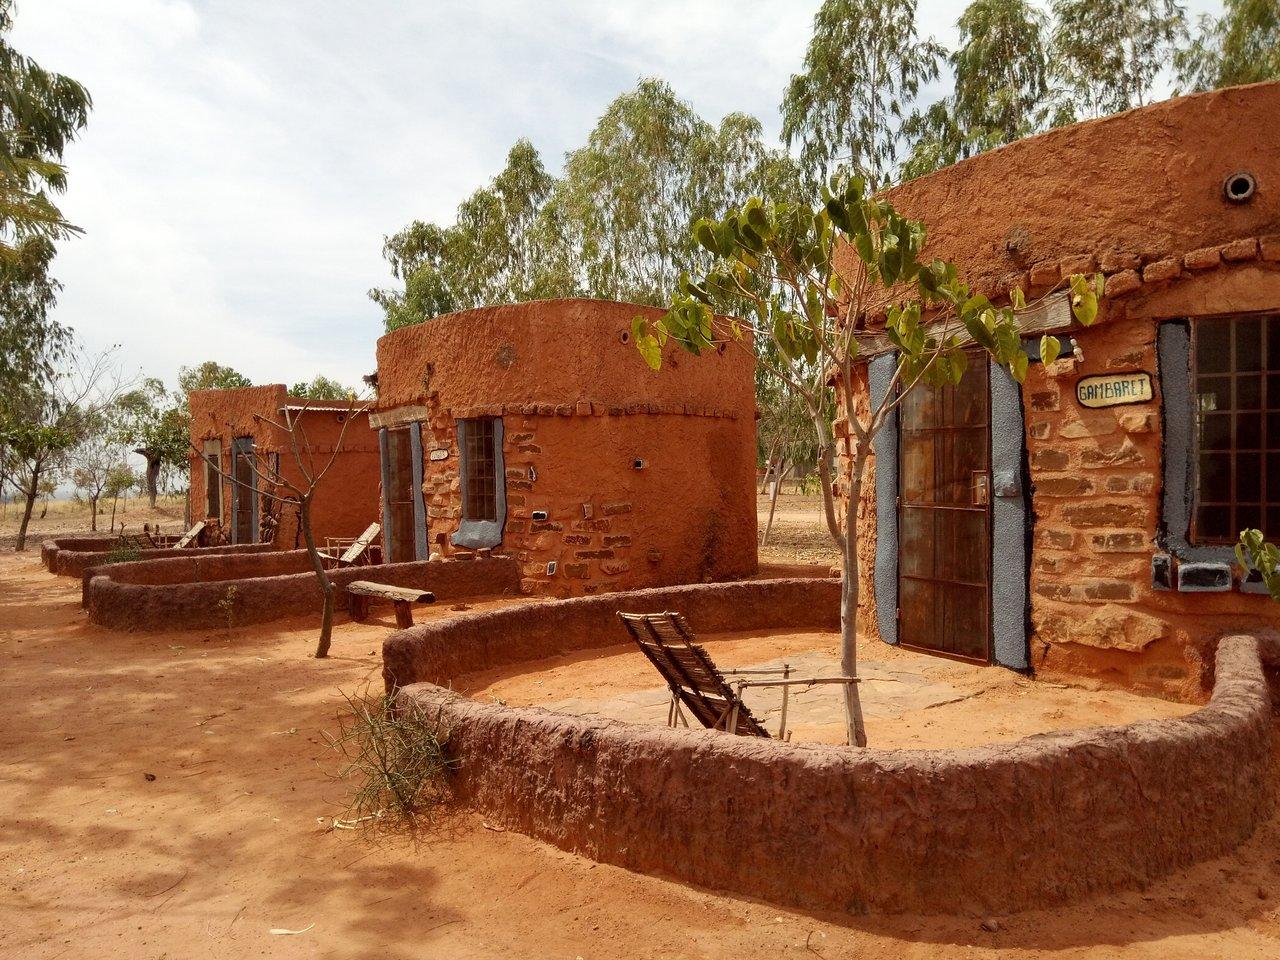 L'agritourisme: une experience qui pourrait matérialiser une «poussée de la production agricole et du développement local» au Burkina Faso.